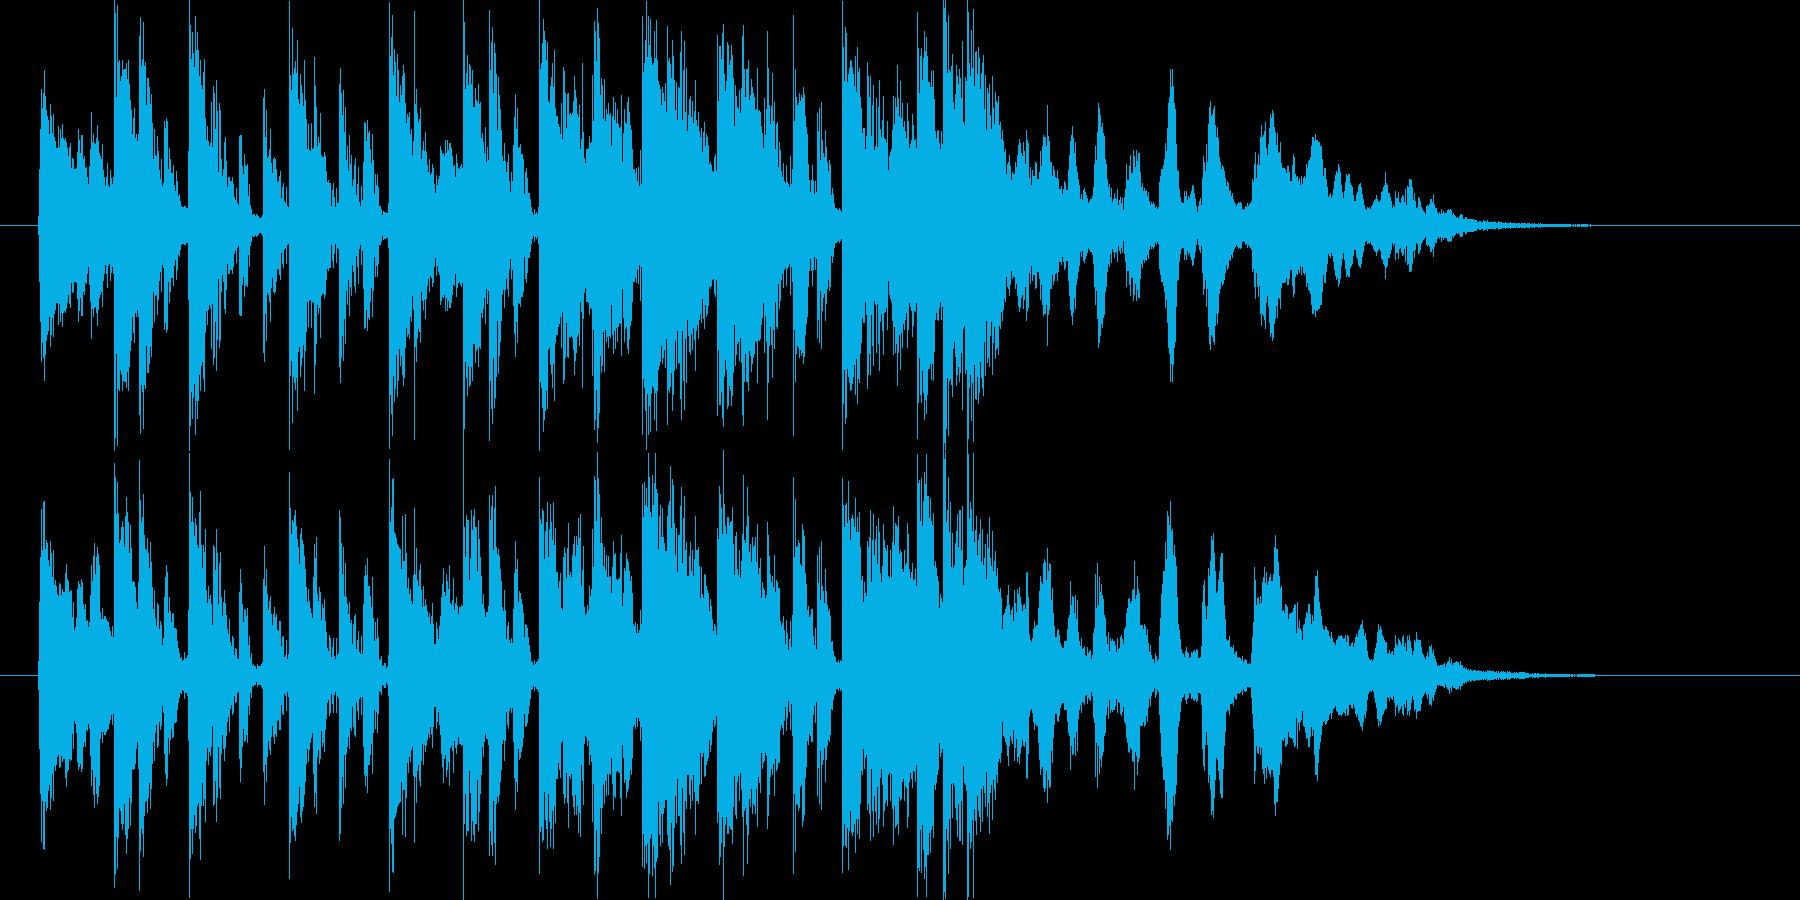 リズミカルで和風なシンセポップジングルの再生済みの波形